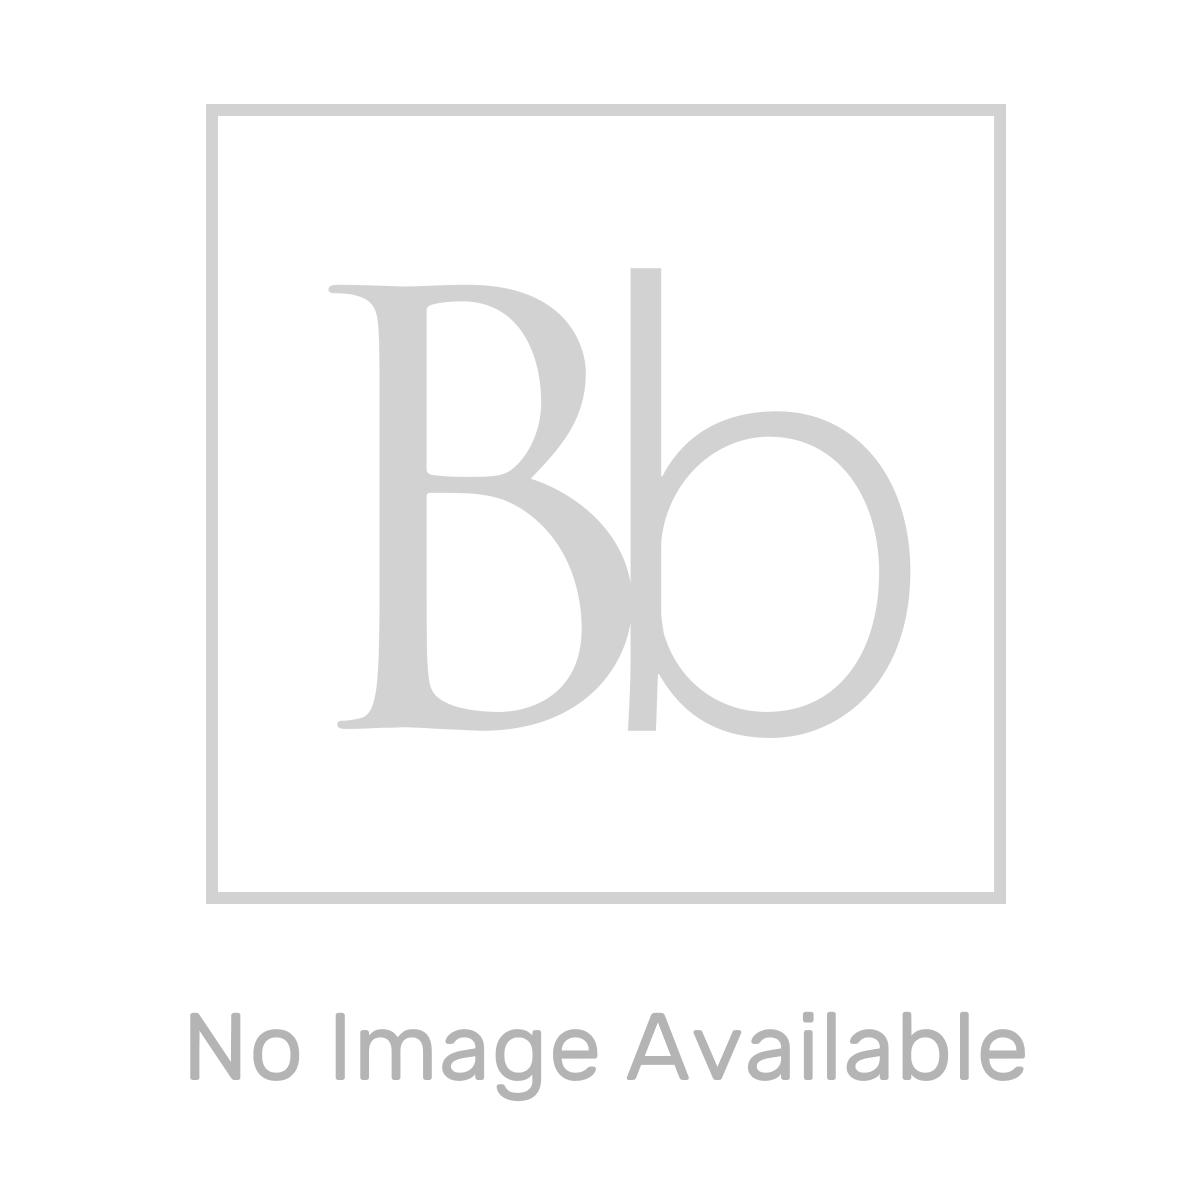 Premier Athena Driftwood 2 Door Floor Standing Vanity Unit 600mm with Mid Edge Basin